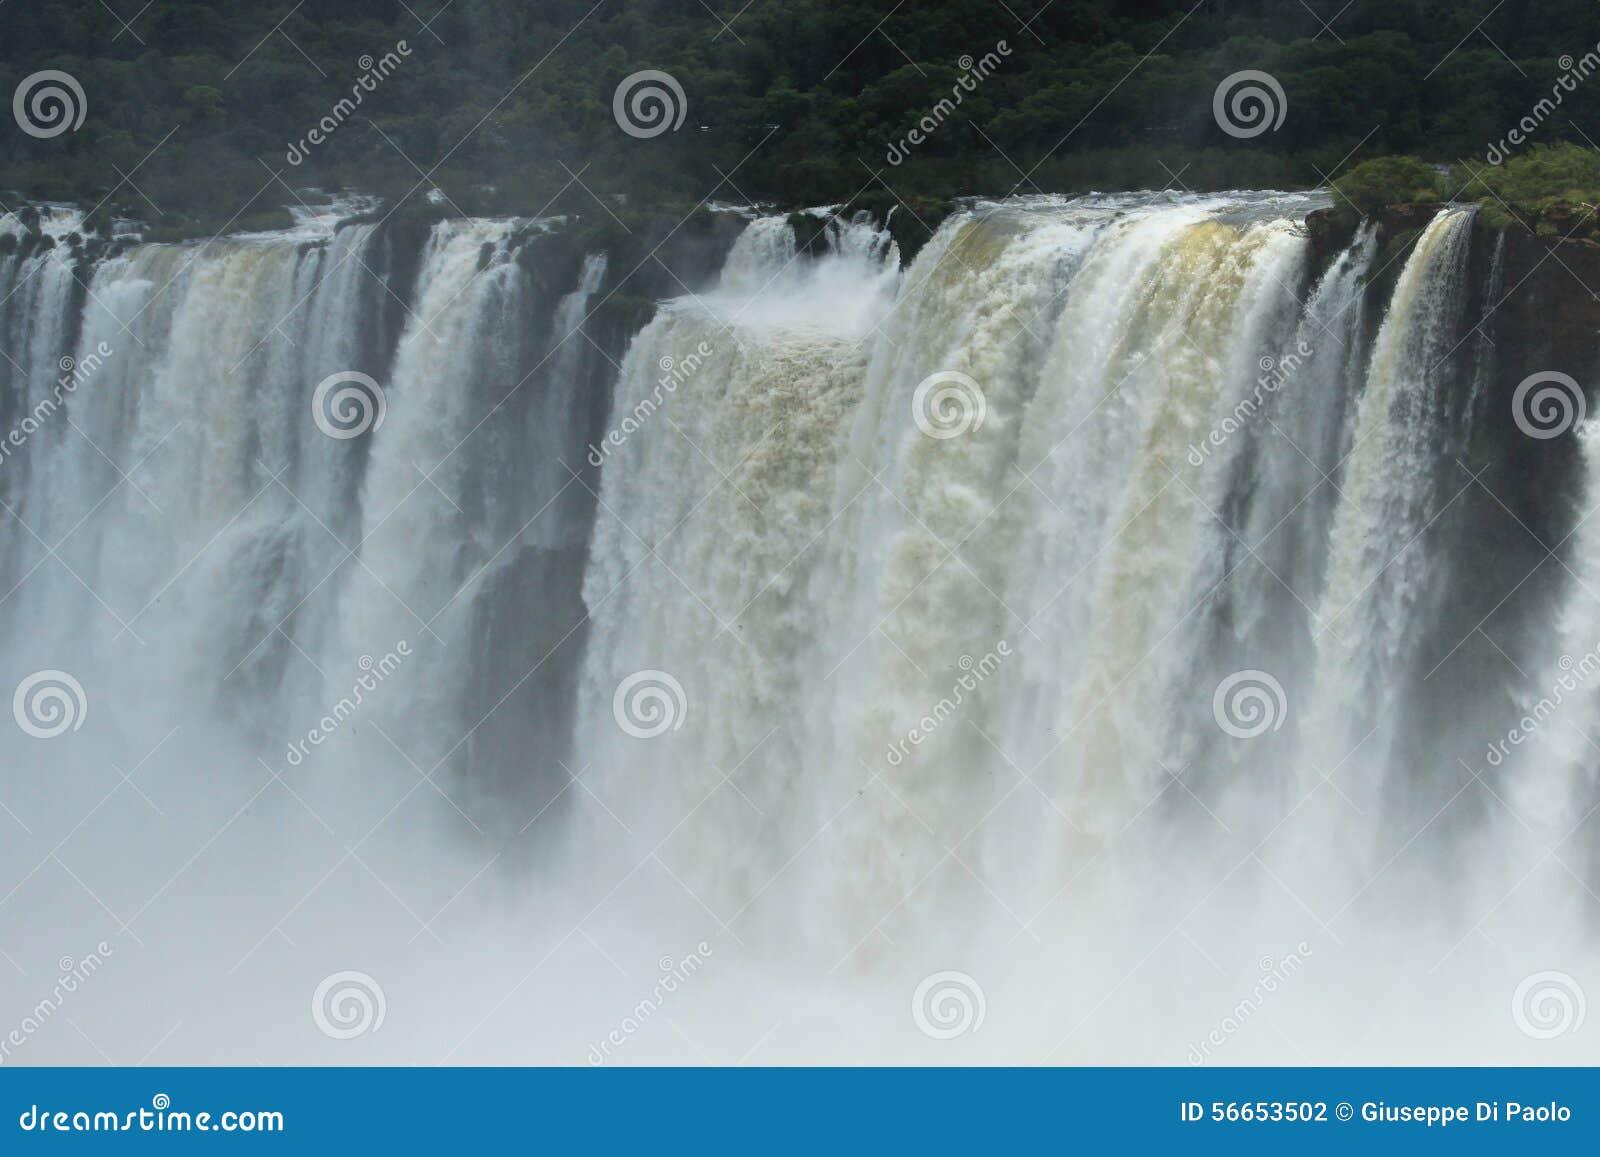 Iguazu valt - bekijk van de kant van Argentinië